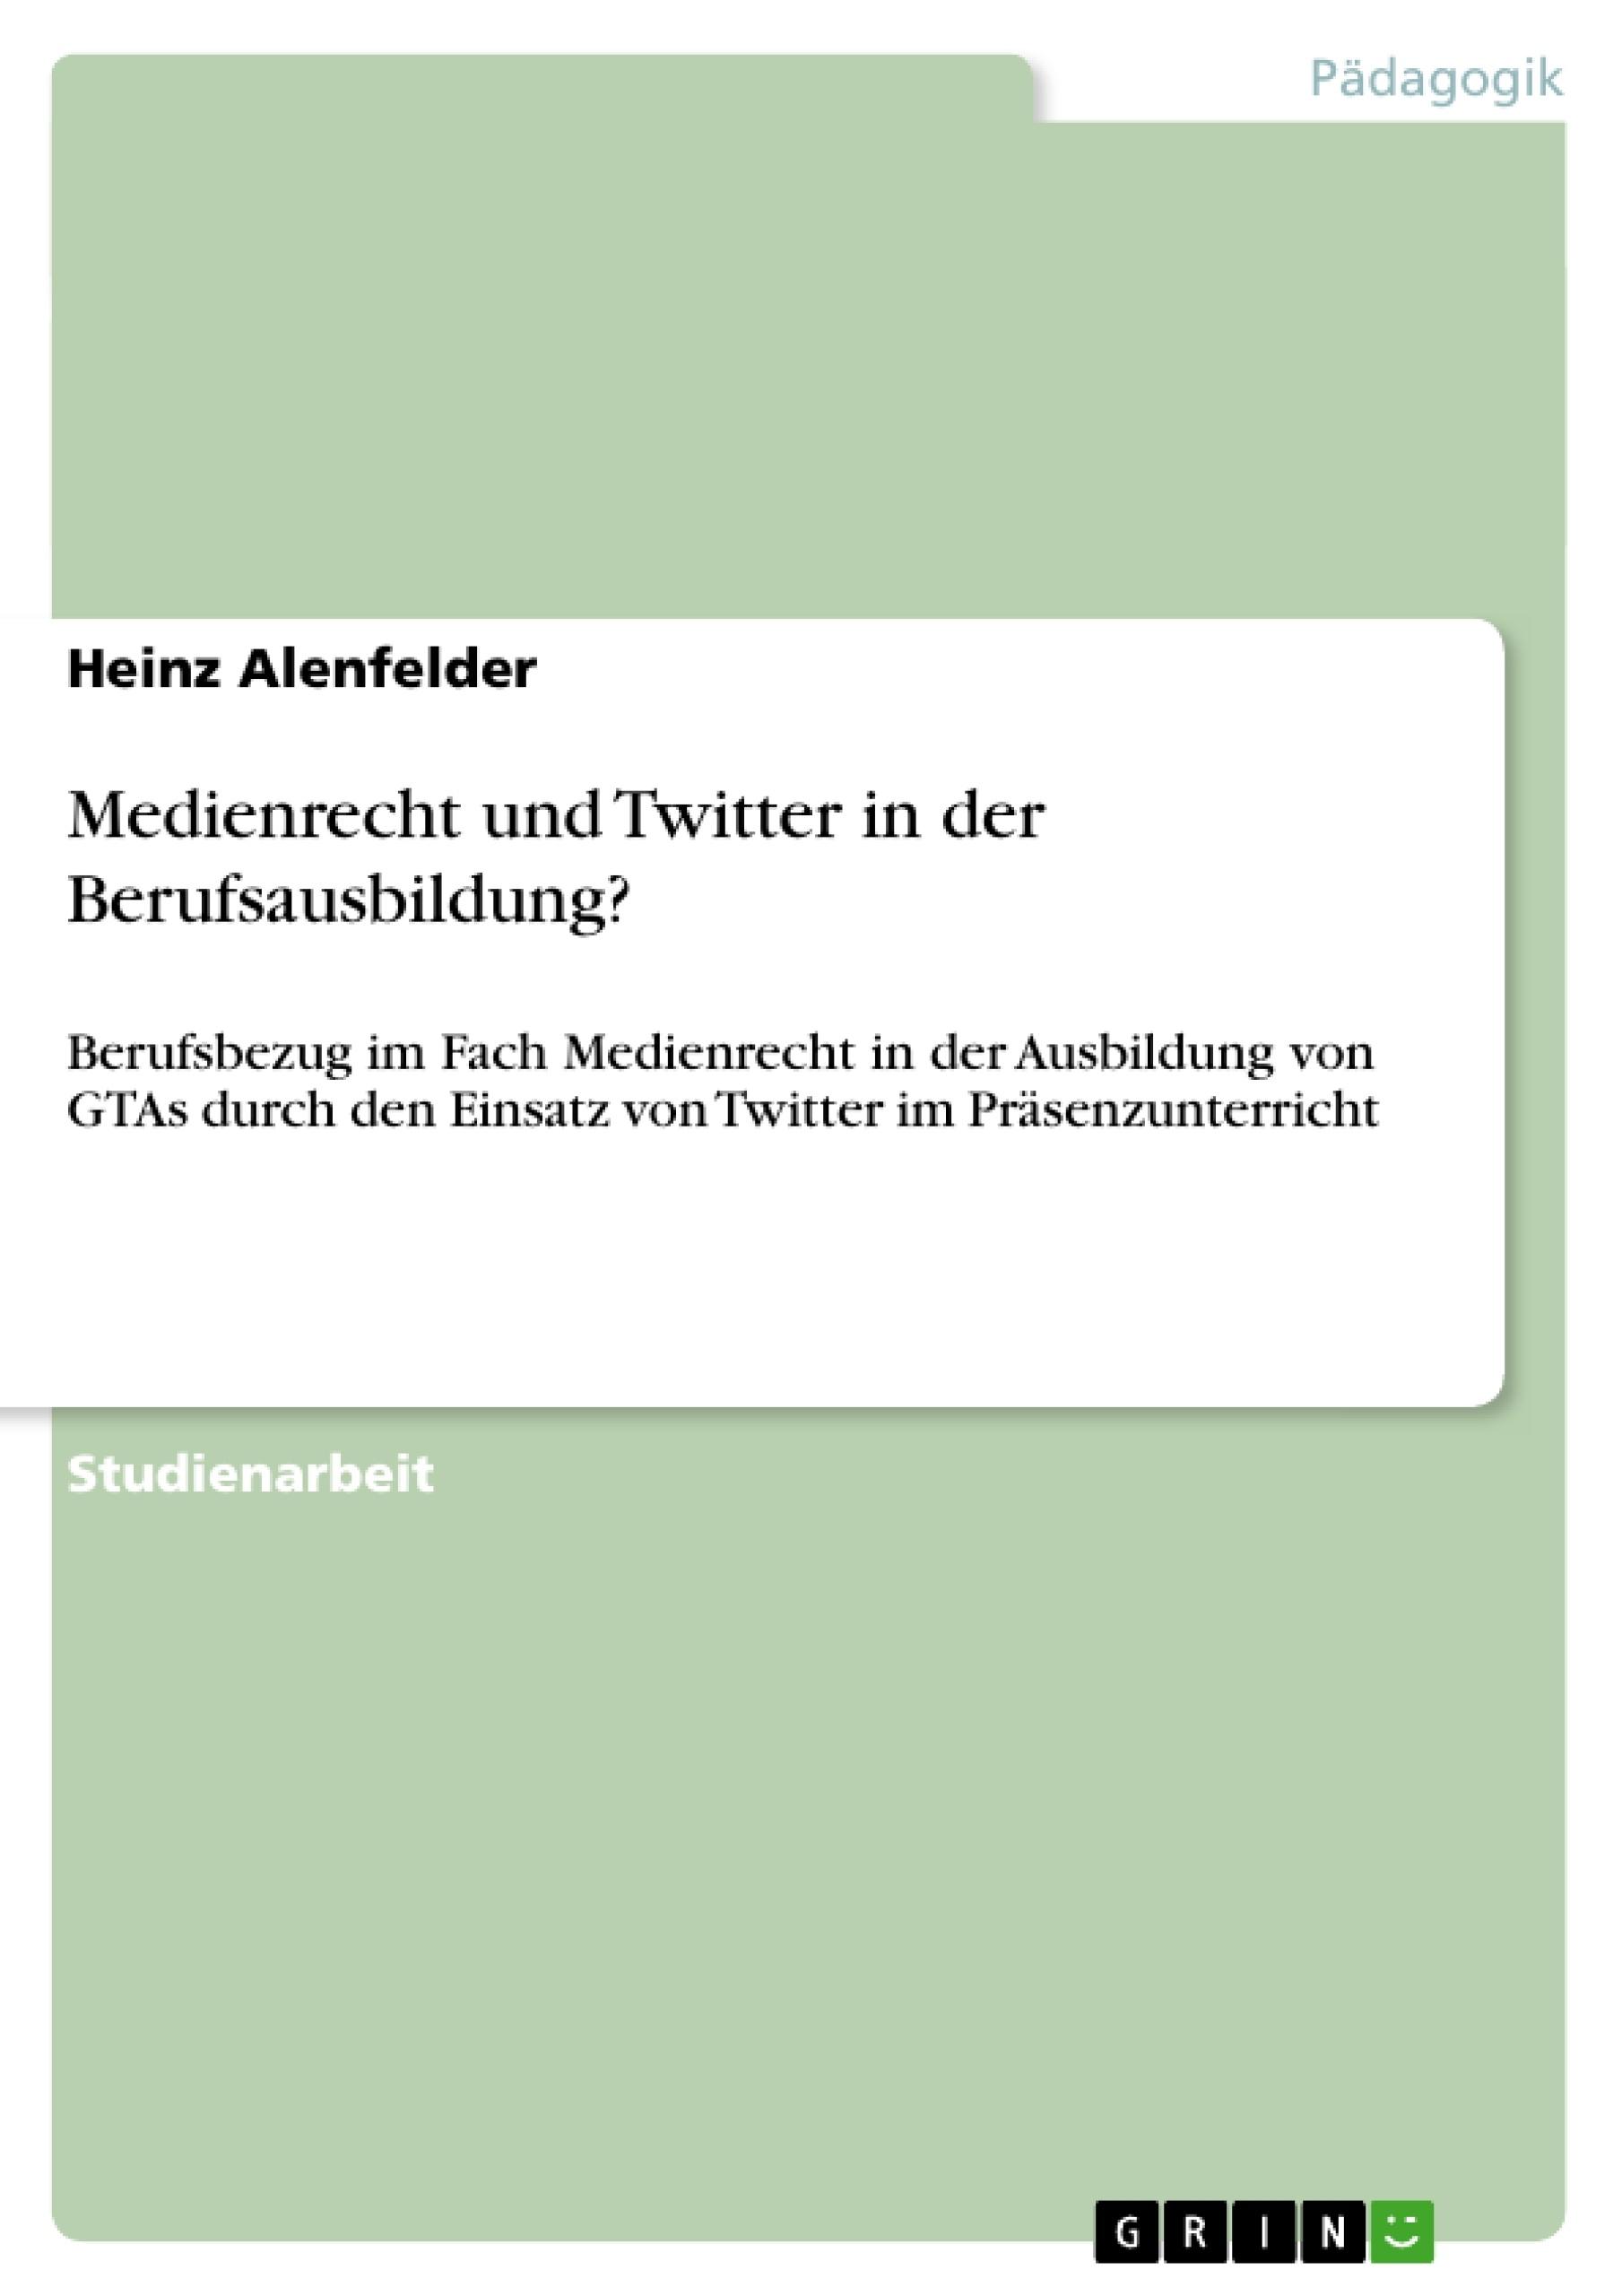 Titel: Medienrecht und Twitter in der Berufsausbildung?